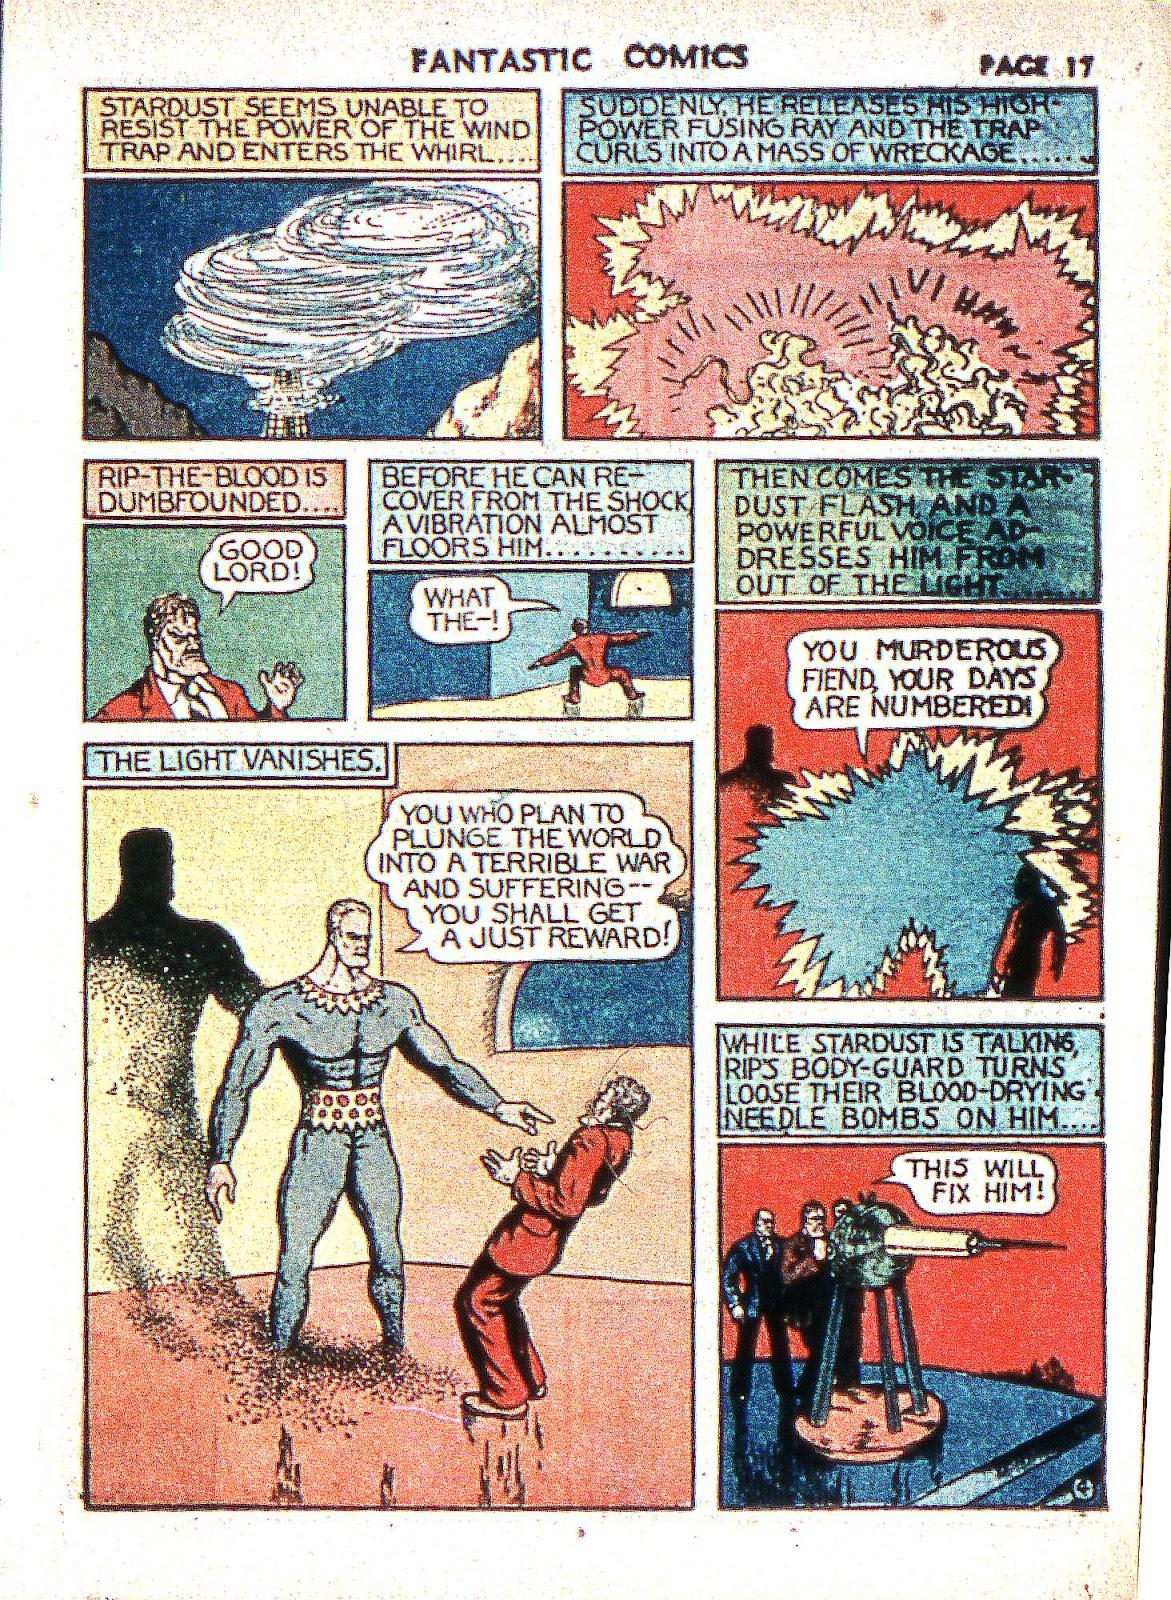 Read online Fantastic Comics comic -  Issue #2 - 19